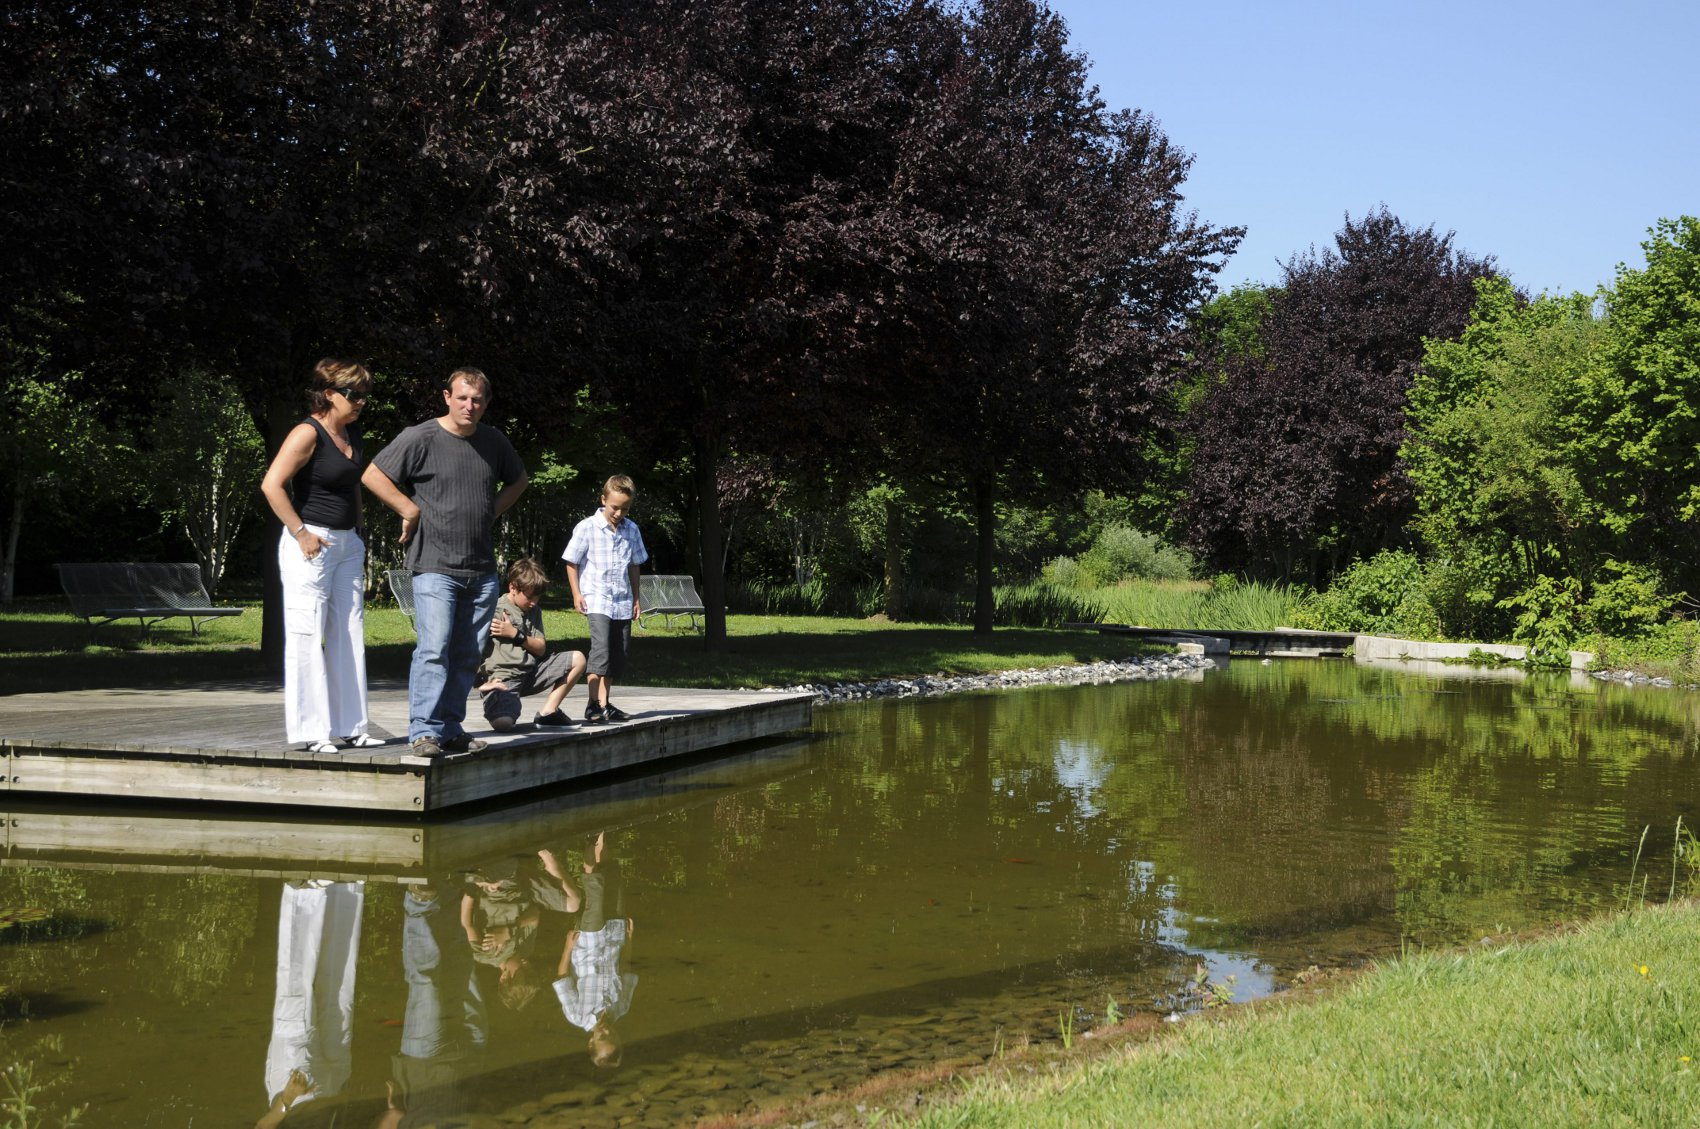 D couvrir parcs et jardins parc du mus e wurth for Piscine erstein